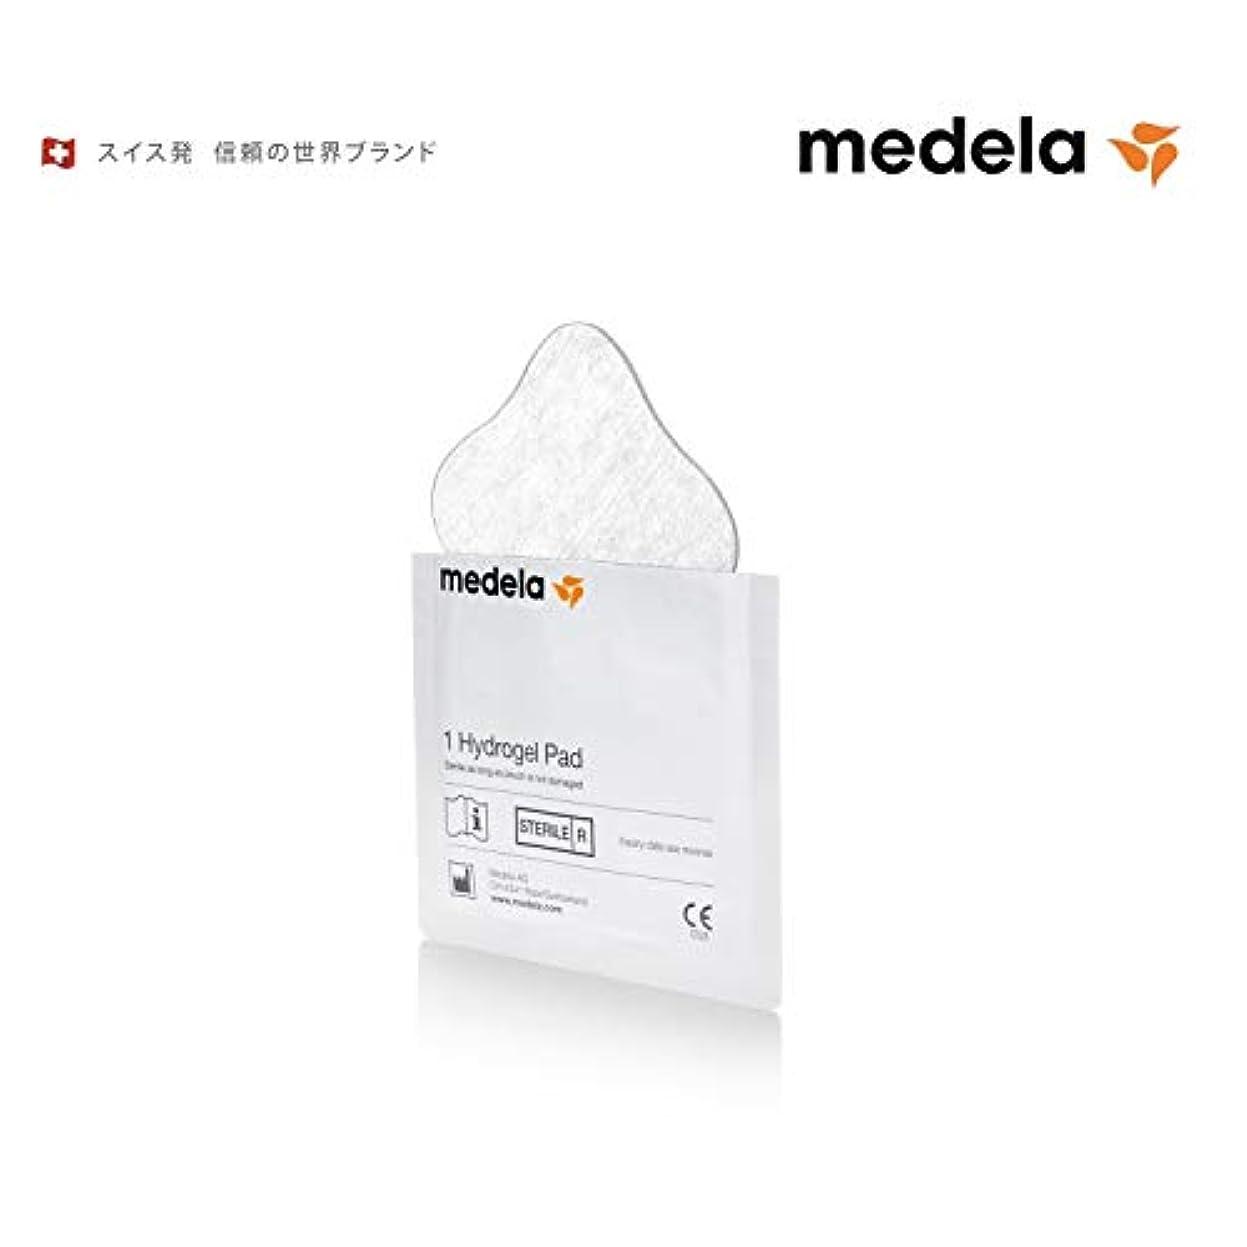 曲線証書それに応じてMedela メデラ ハイドロジェルパッド 4枚入り 乳頭の痛みの緩和に (008.0164)